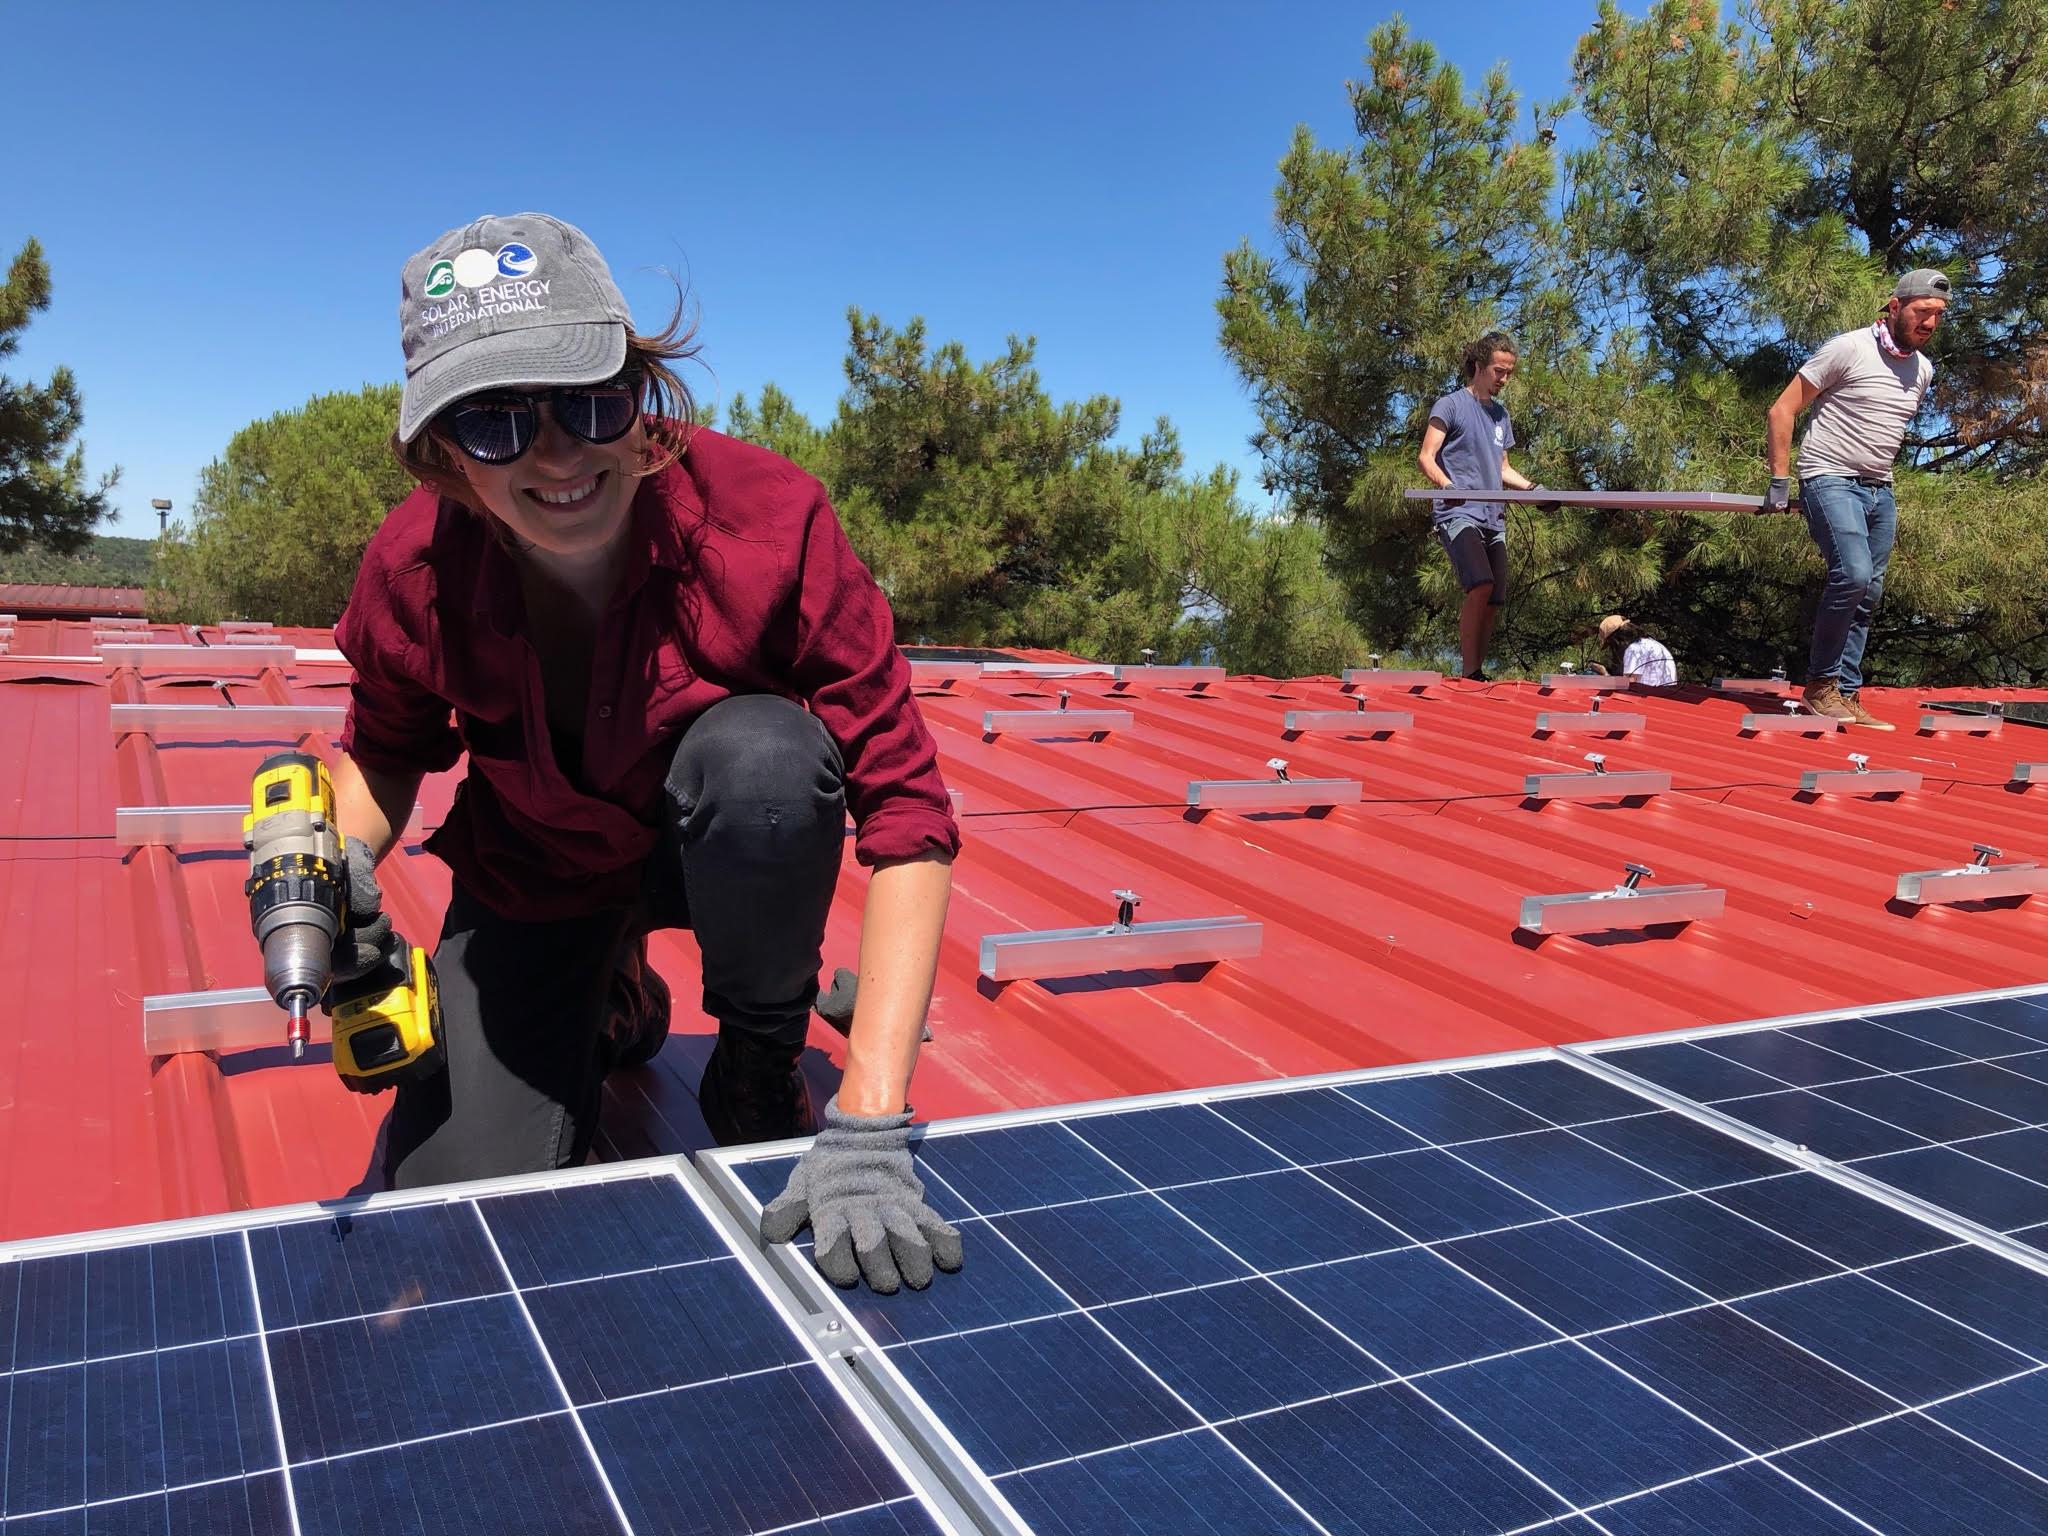 SEI Team Member, Bertram Peterson helped solar power a refugee camp in Greece